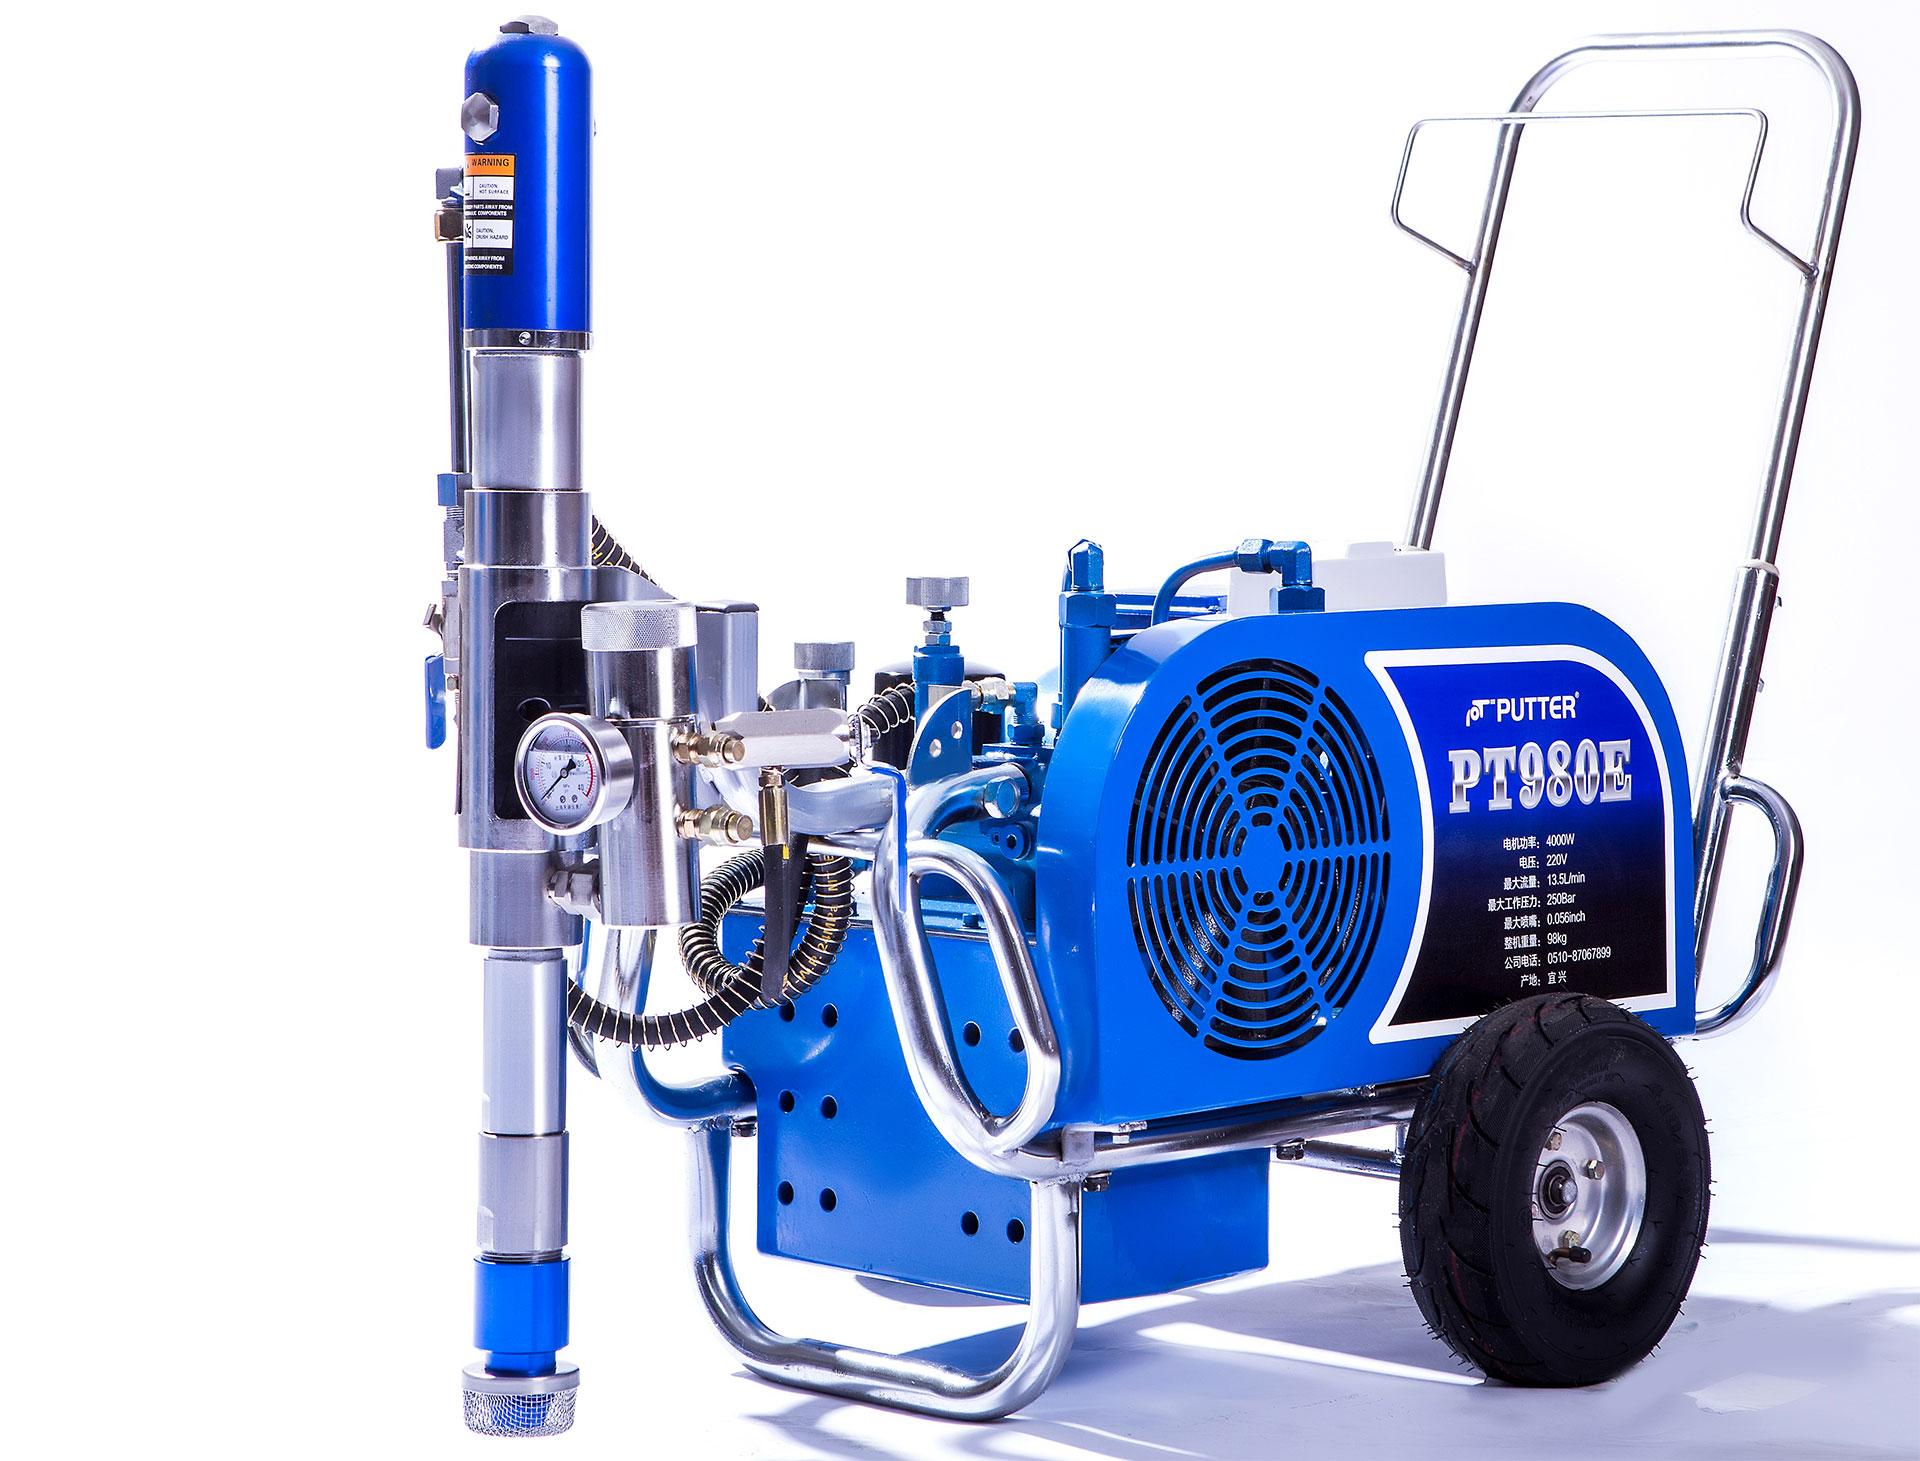 Máy phun bột AHP-980E blue